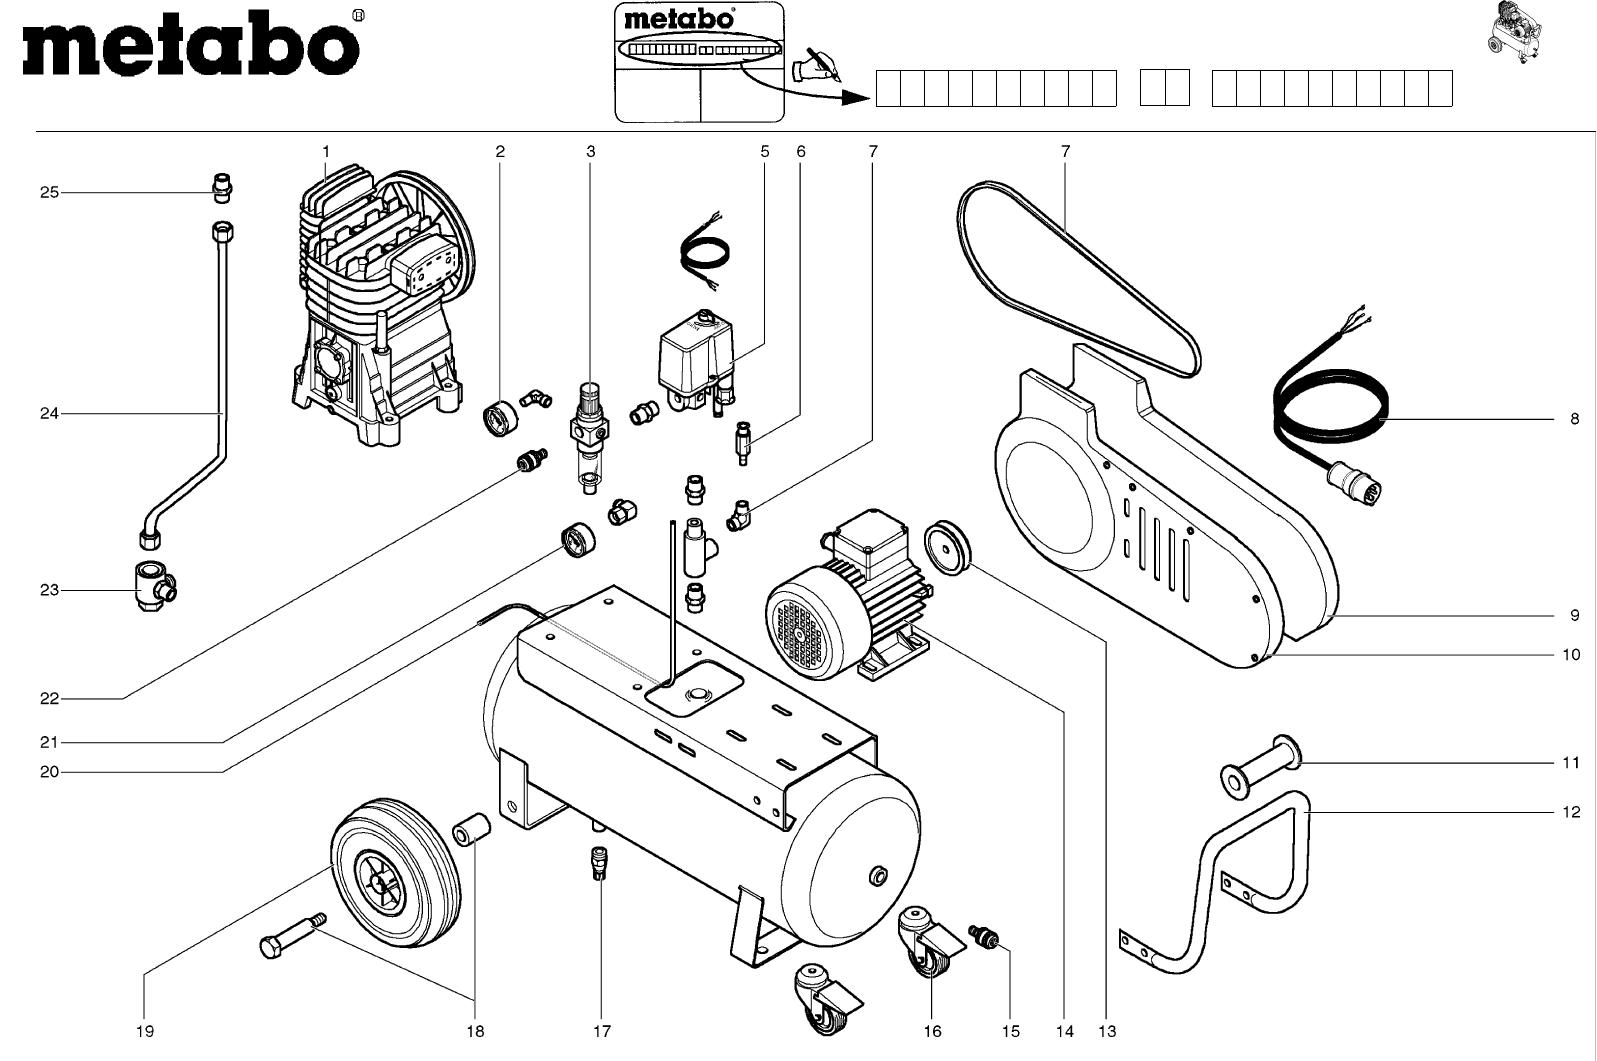 metabo air compressor mega 450d user guide manualsonline com rh powertool manualsonline com Metabo Power Tools Metabo Power Tools